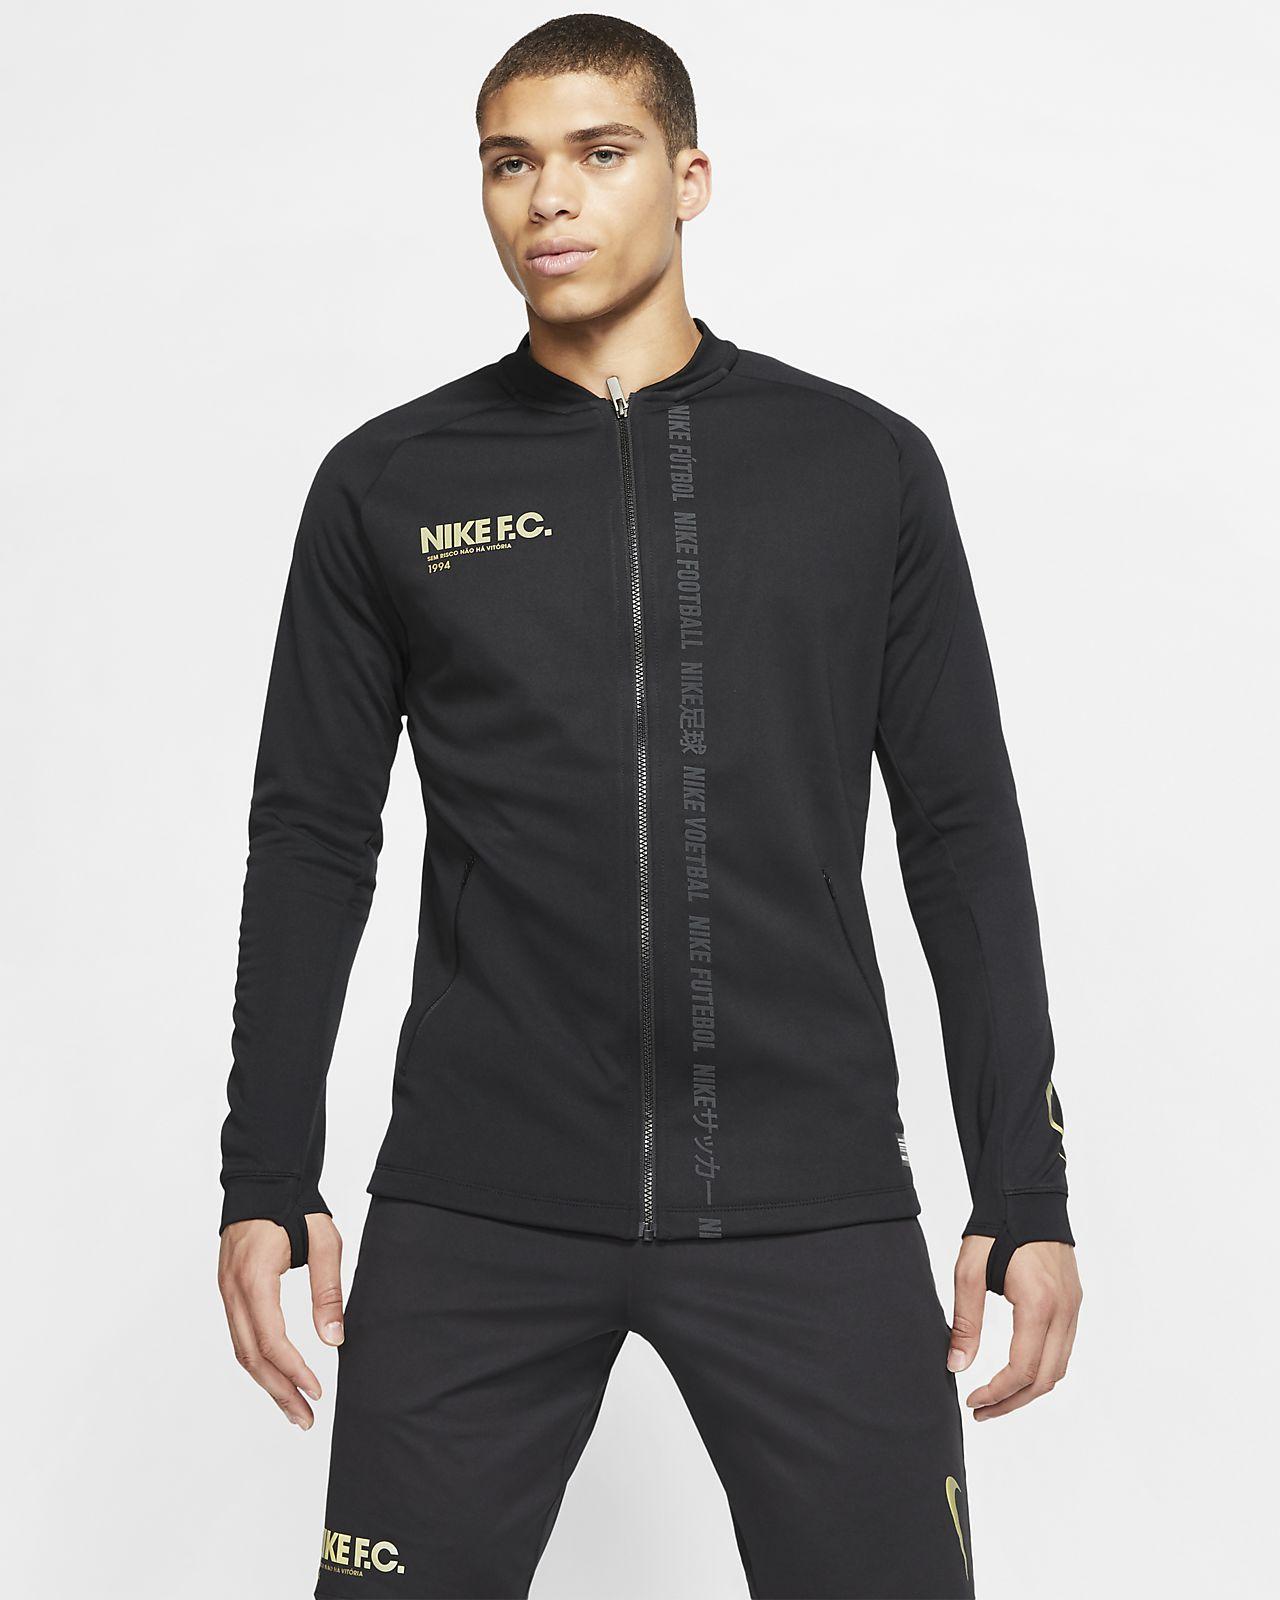 Veste Nike F.C. Squad pour Homme